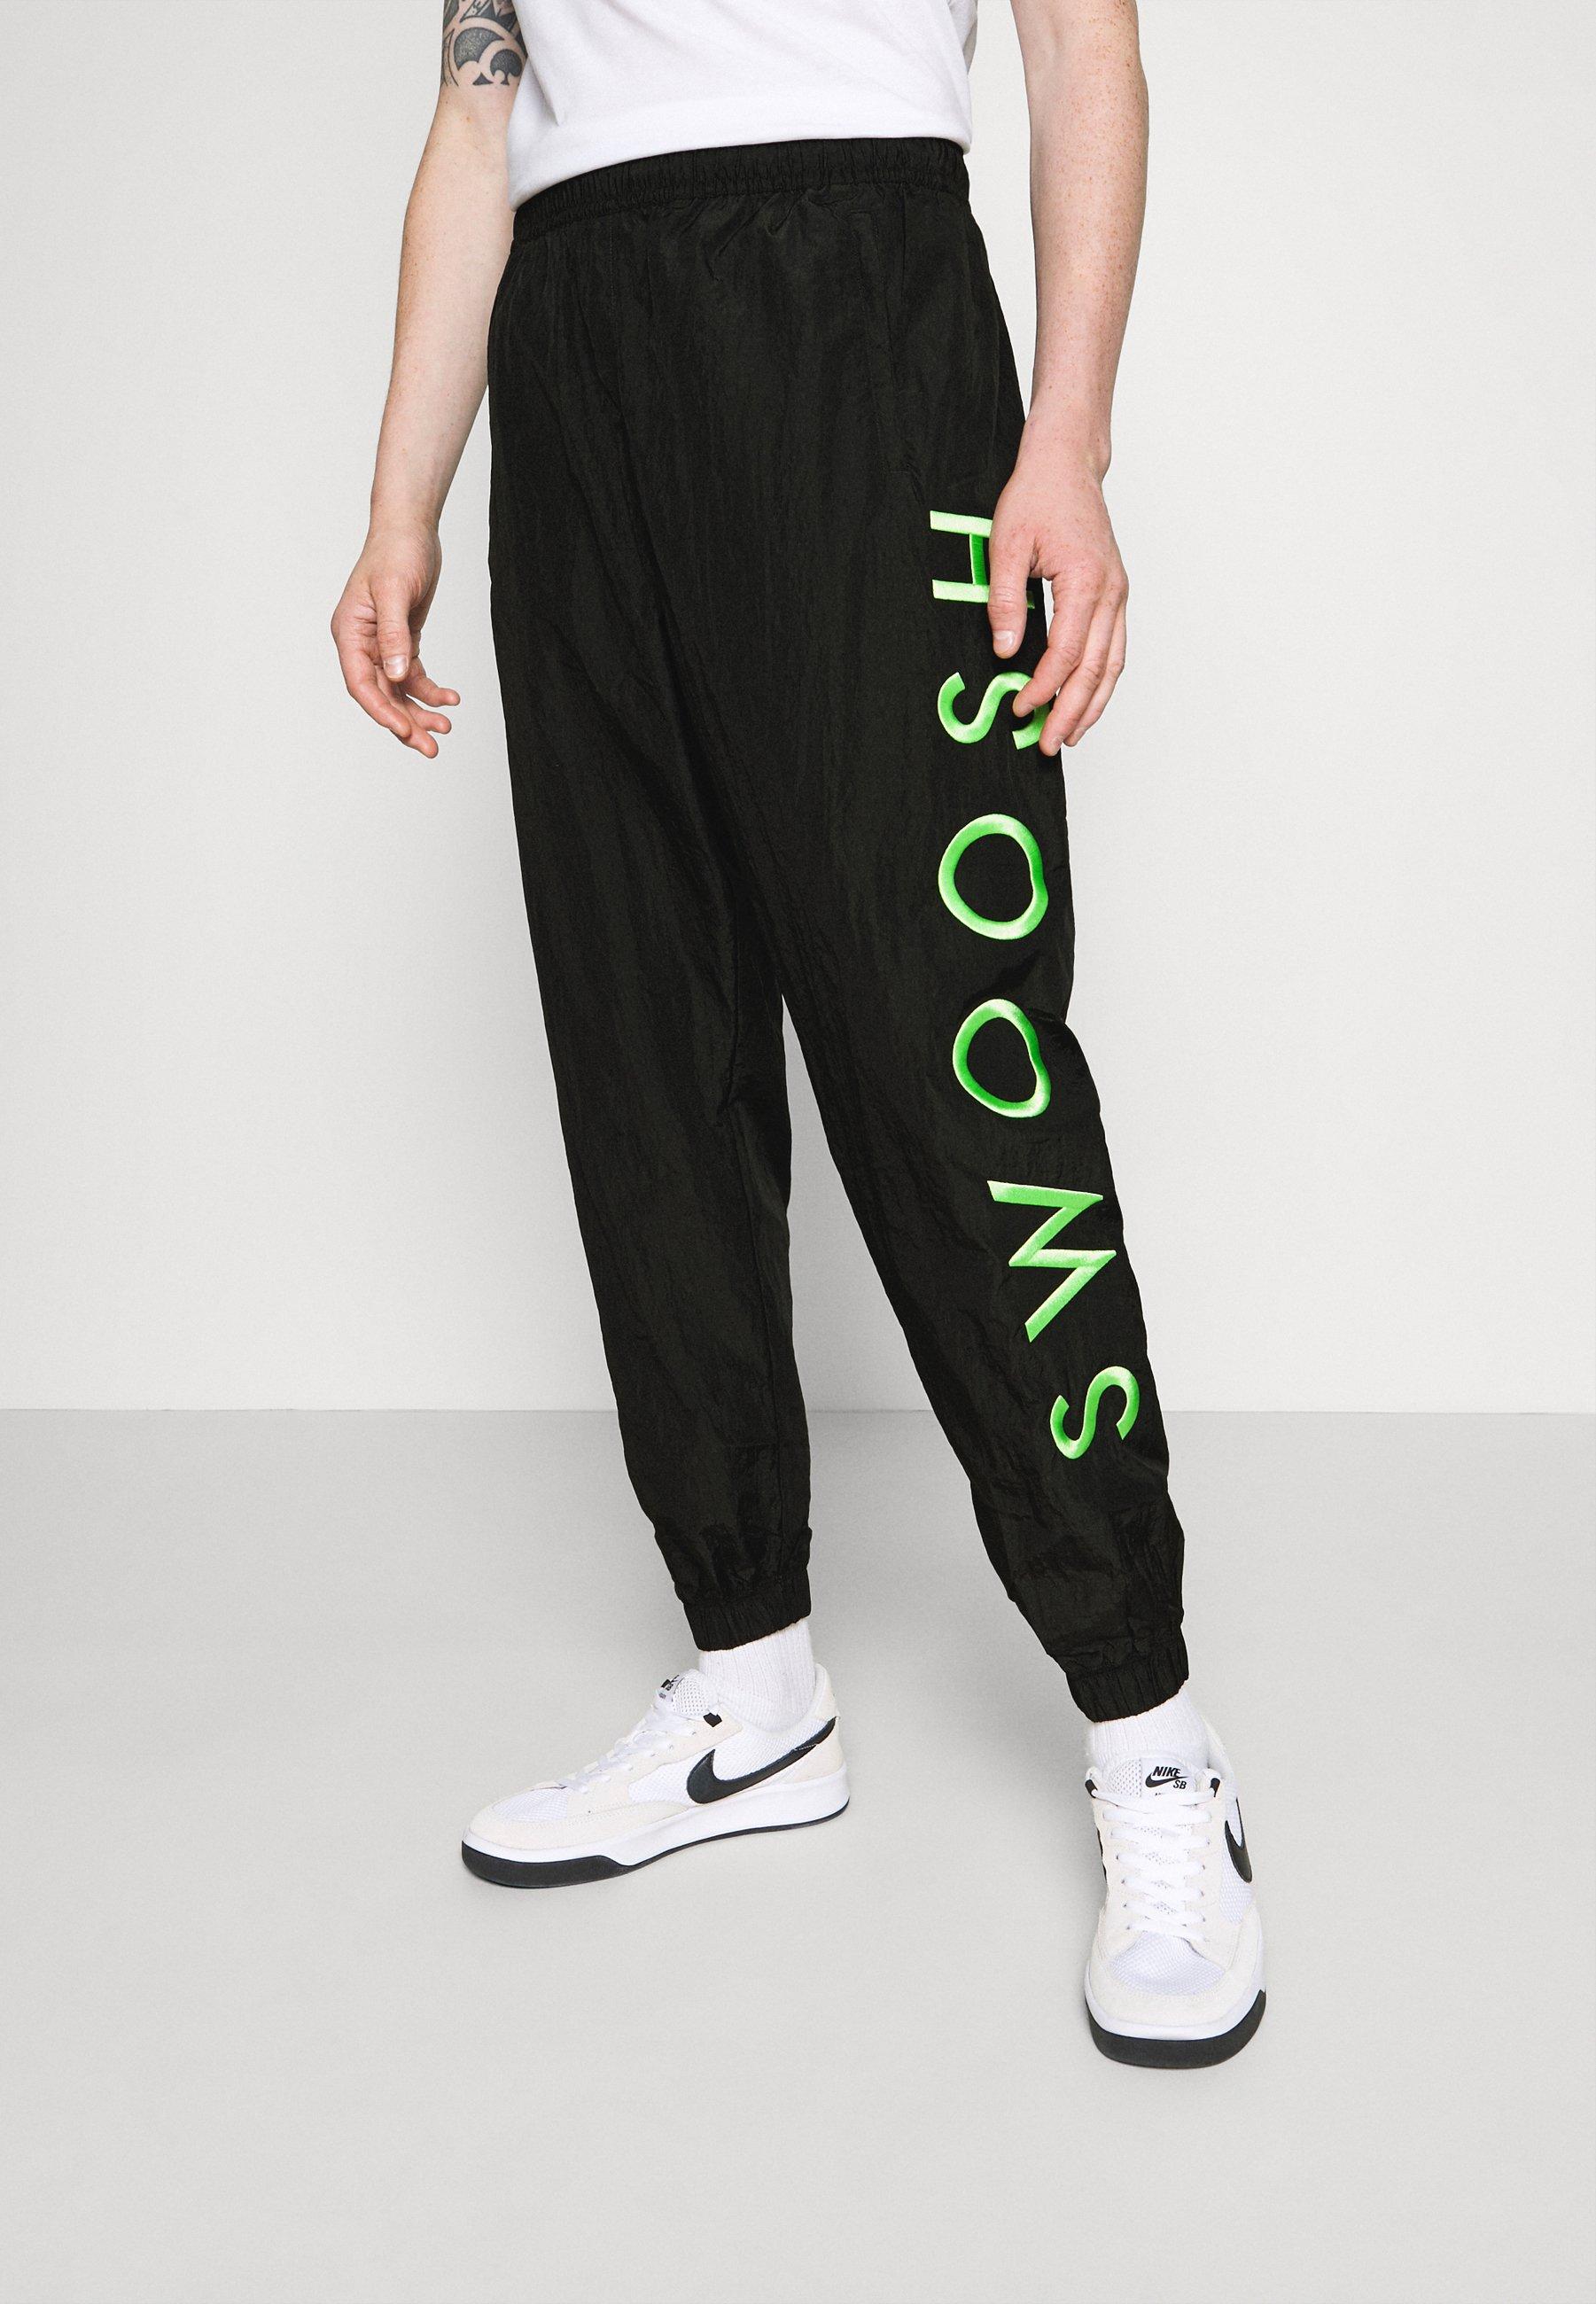 balsa Federal Permuta  Nike Sportswear PANT - Pantalon de survêtement - black/green/noir -  ZALANDO.FR